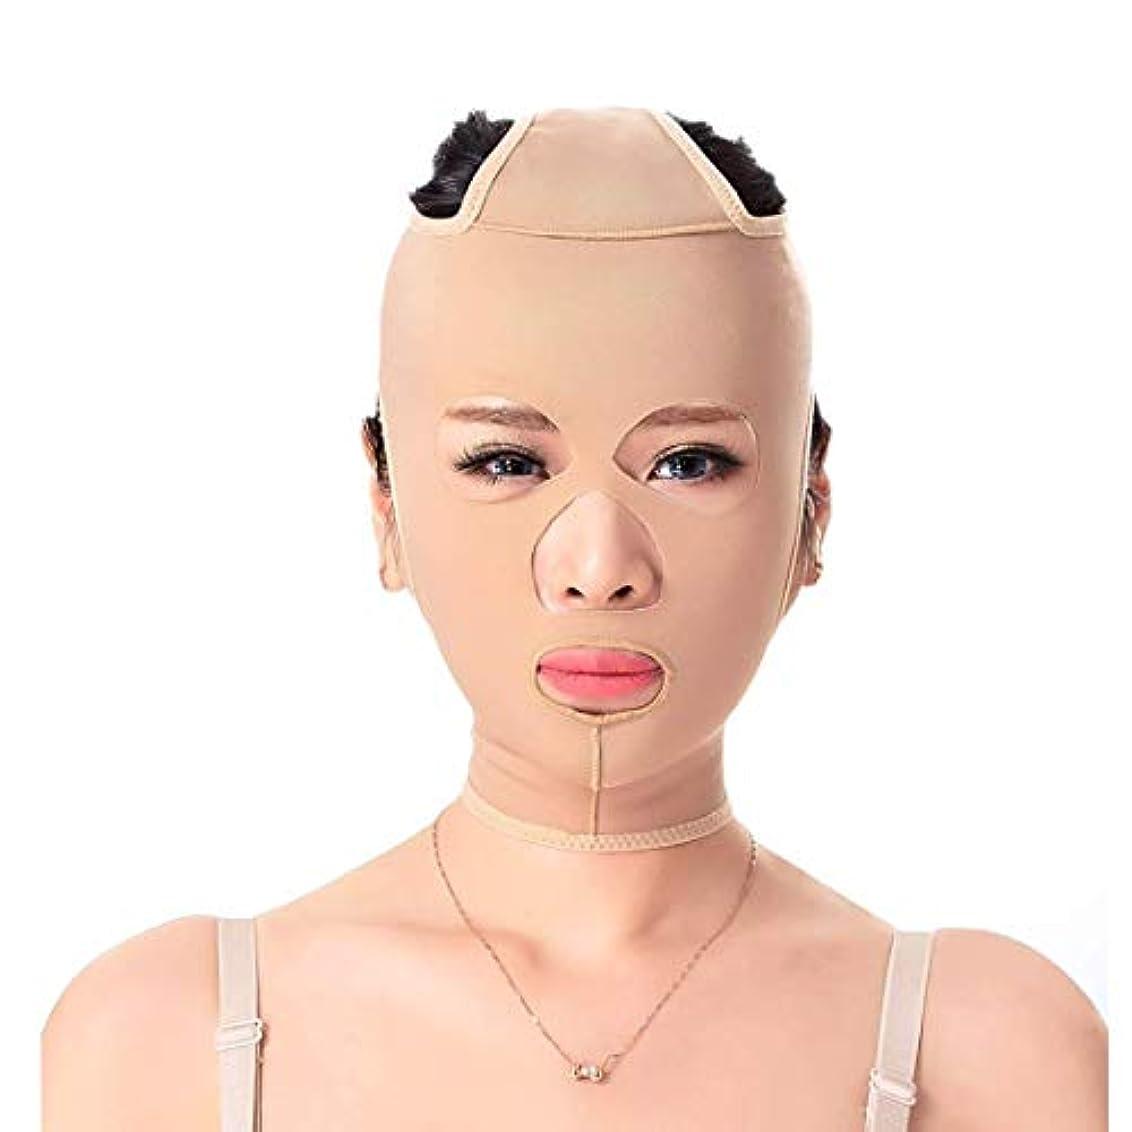 美容師リングバック落ち込んでいるSlim身ベルト、フェイシャルマスクフェイスプラスチック顔Arを引き締めるダブルあごを持ち上げるパターンを布布する薄いフェイスマスクtifactパワフルフェイスバンデージ(サイズ:M)